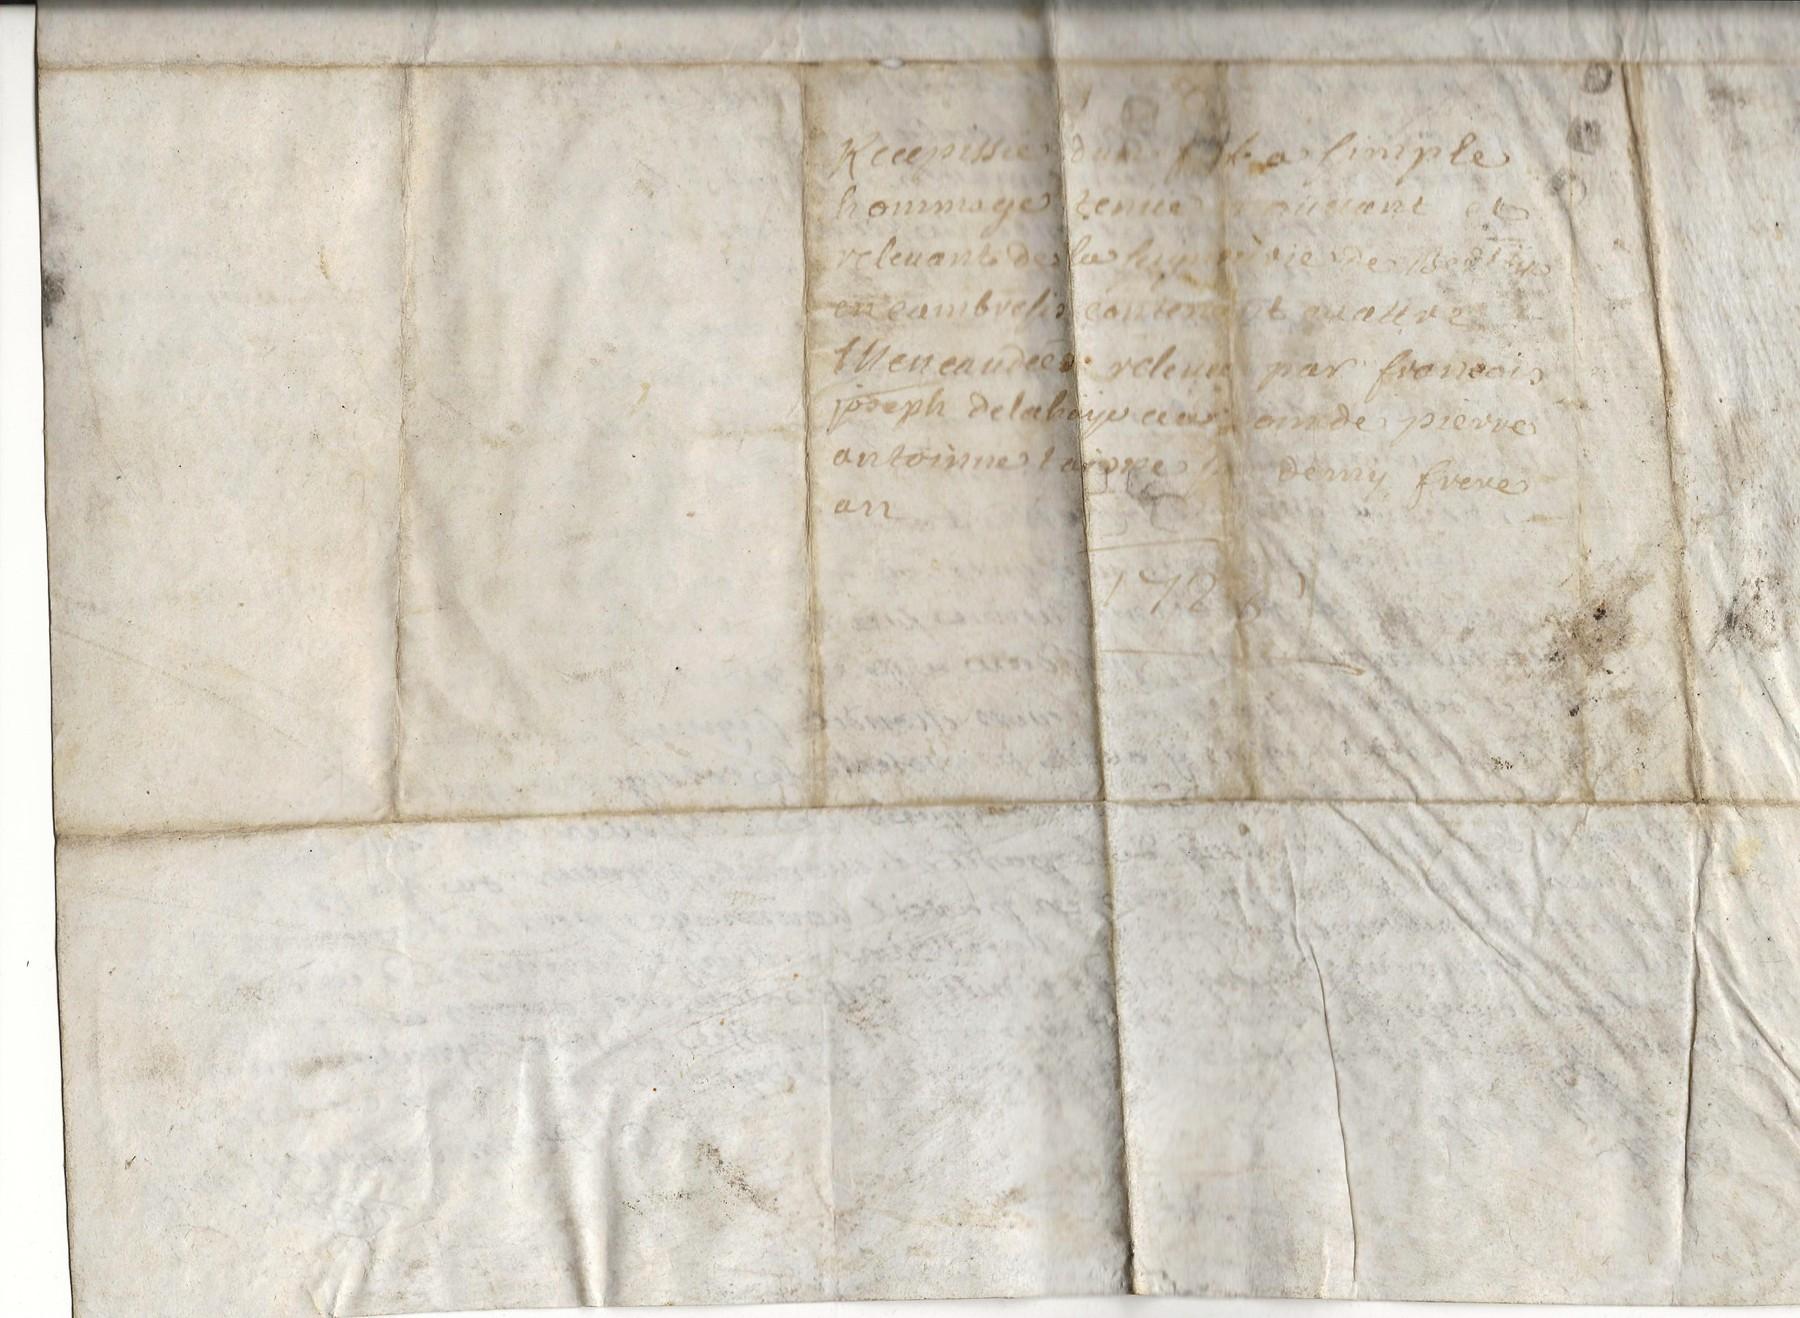 1728 pierre a taisne et francois delhaye 003